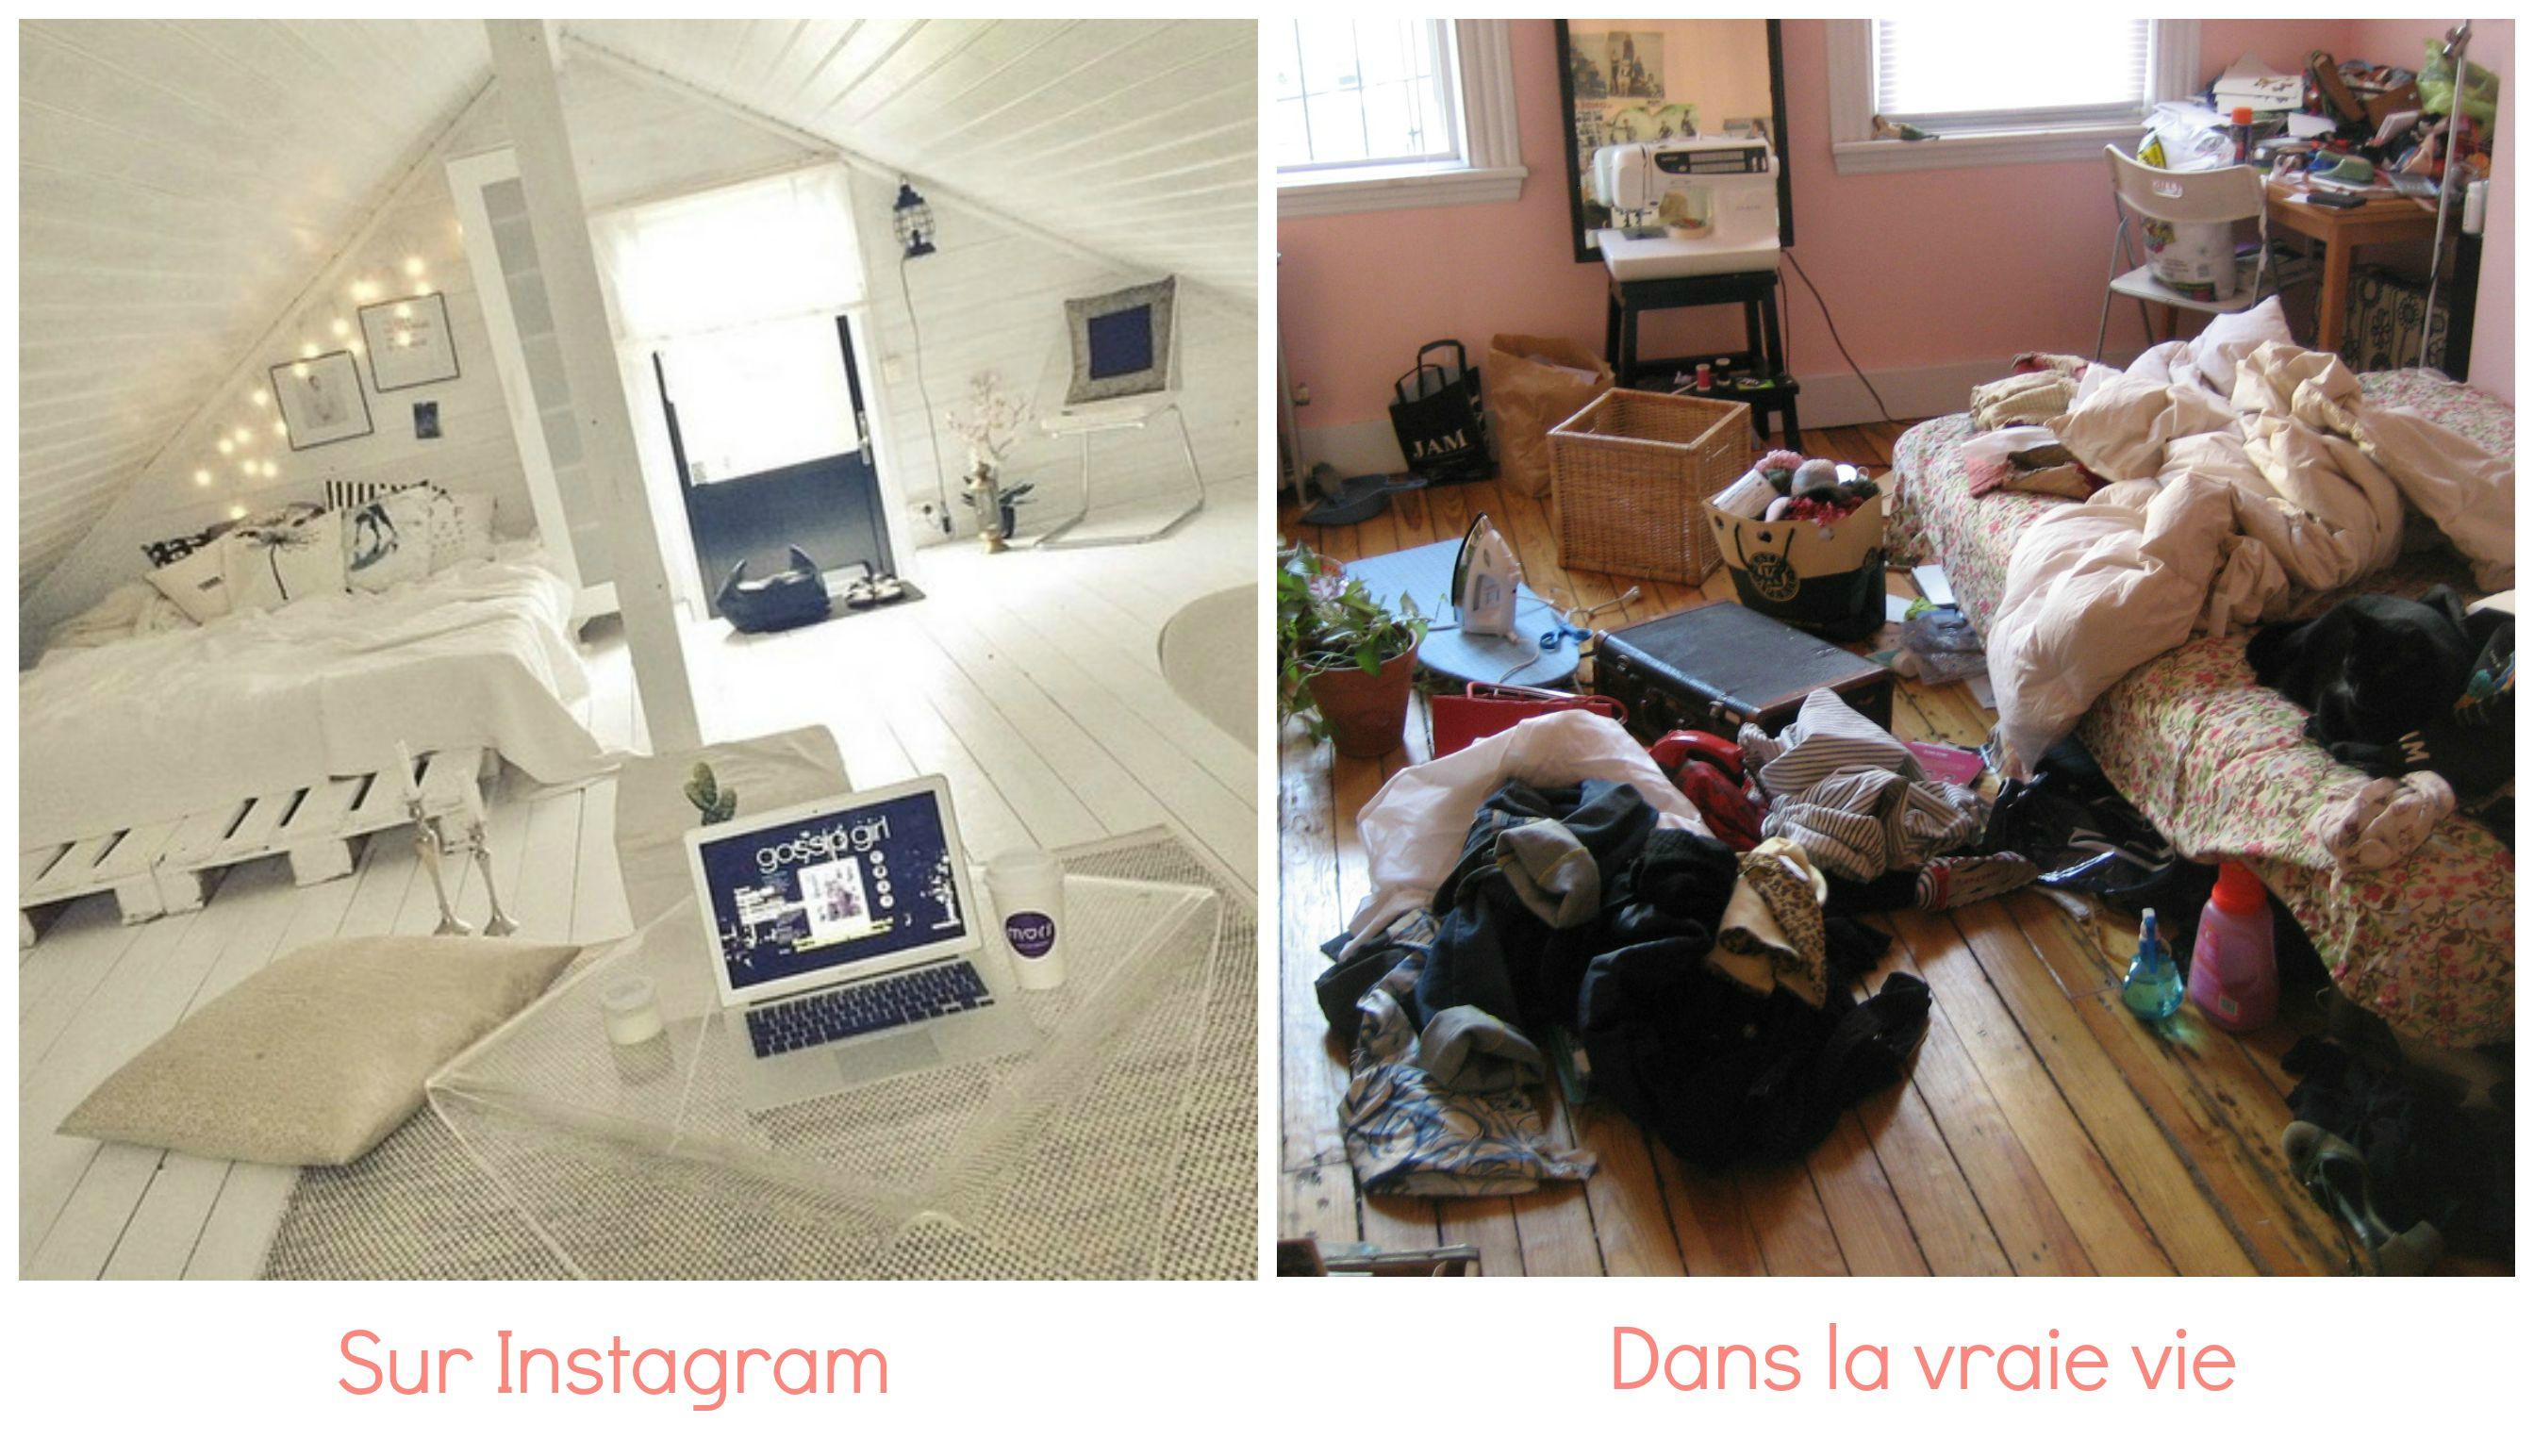 Une Journe Sur Instagram VS Une Journe Dans La Vraie Vie